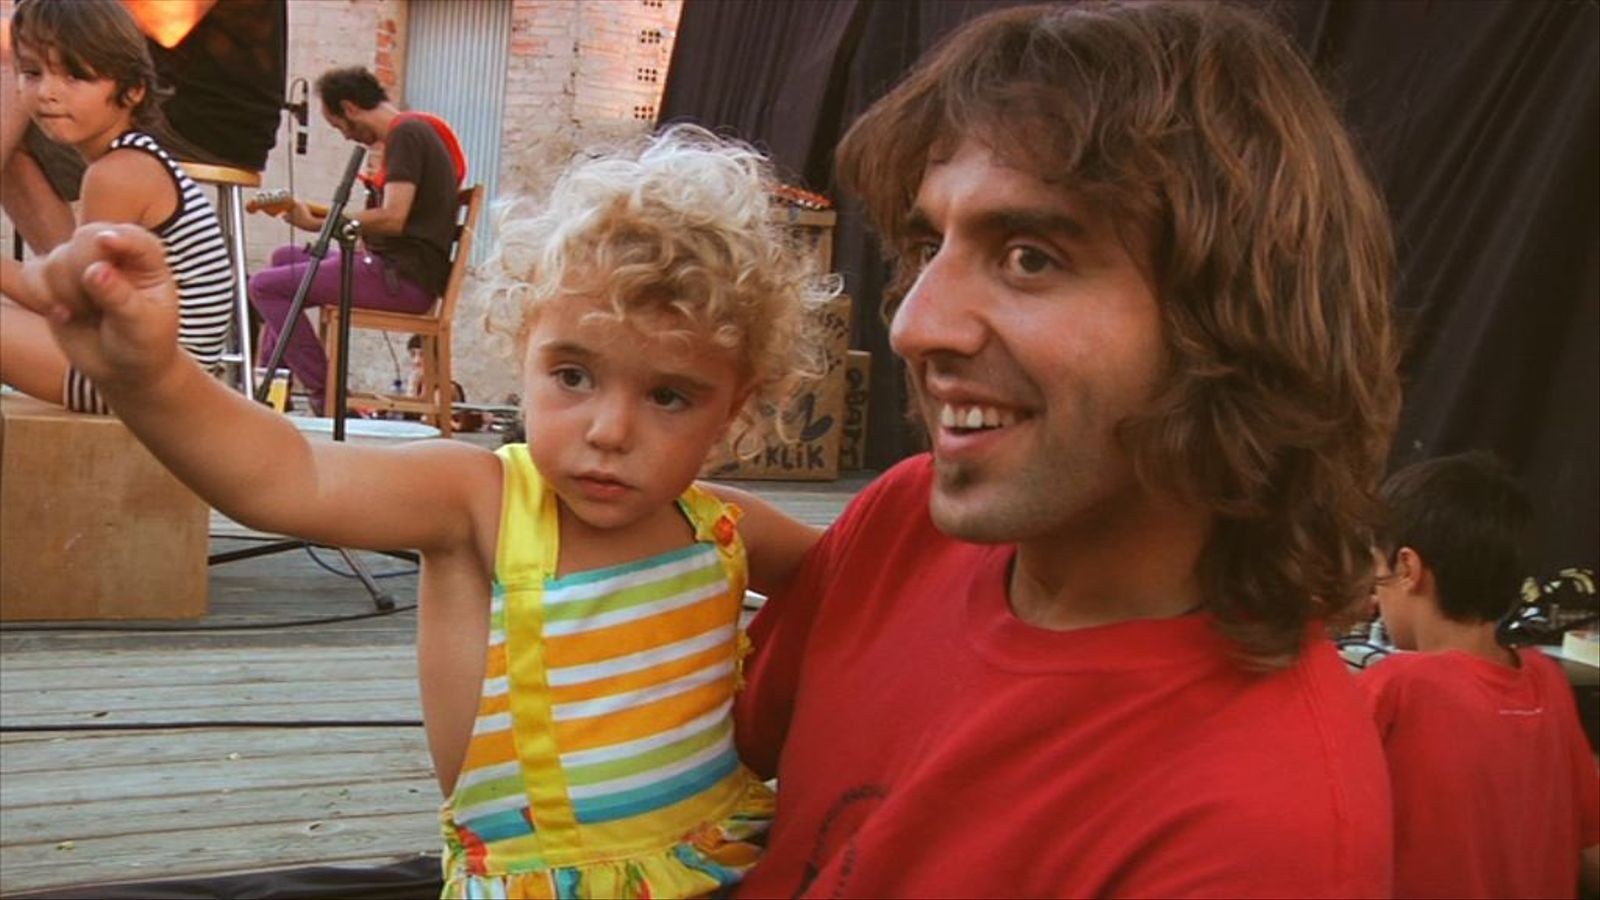 Criatures: Programació musical per un públic familiar